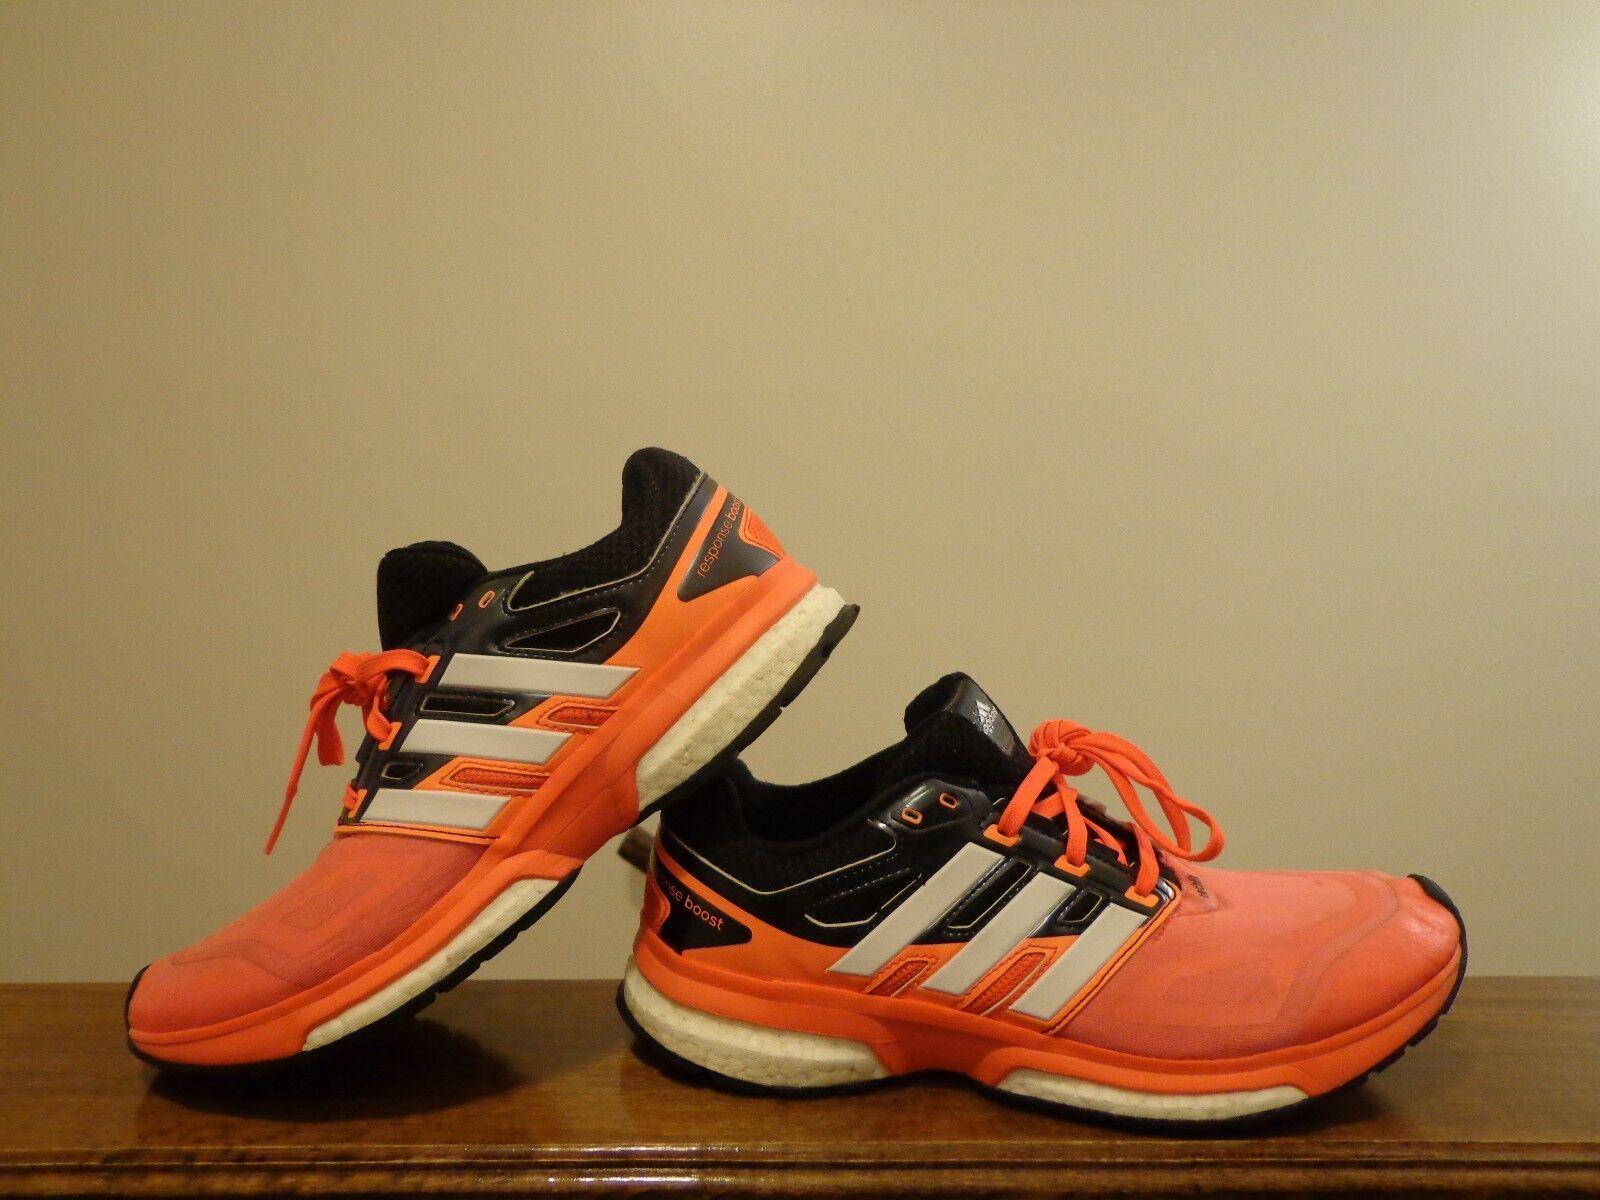 adidas - schuhe passen - auf sportliche männer fördern - passen farbe, größe 8 b17706